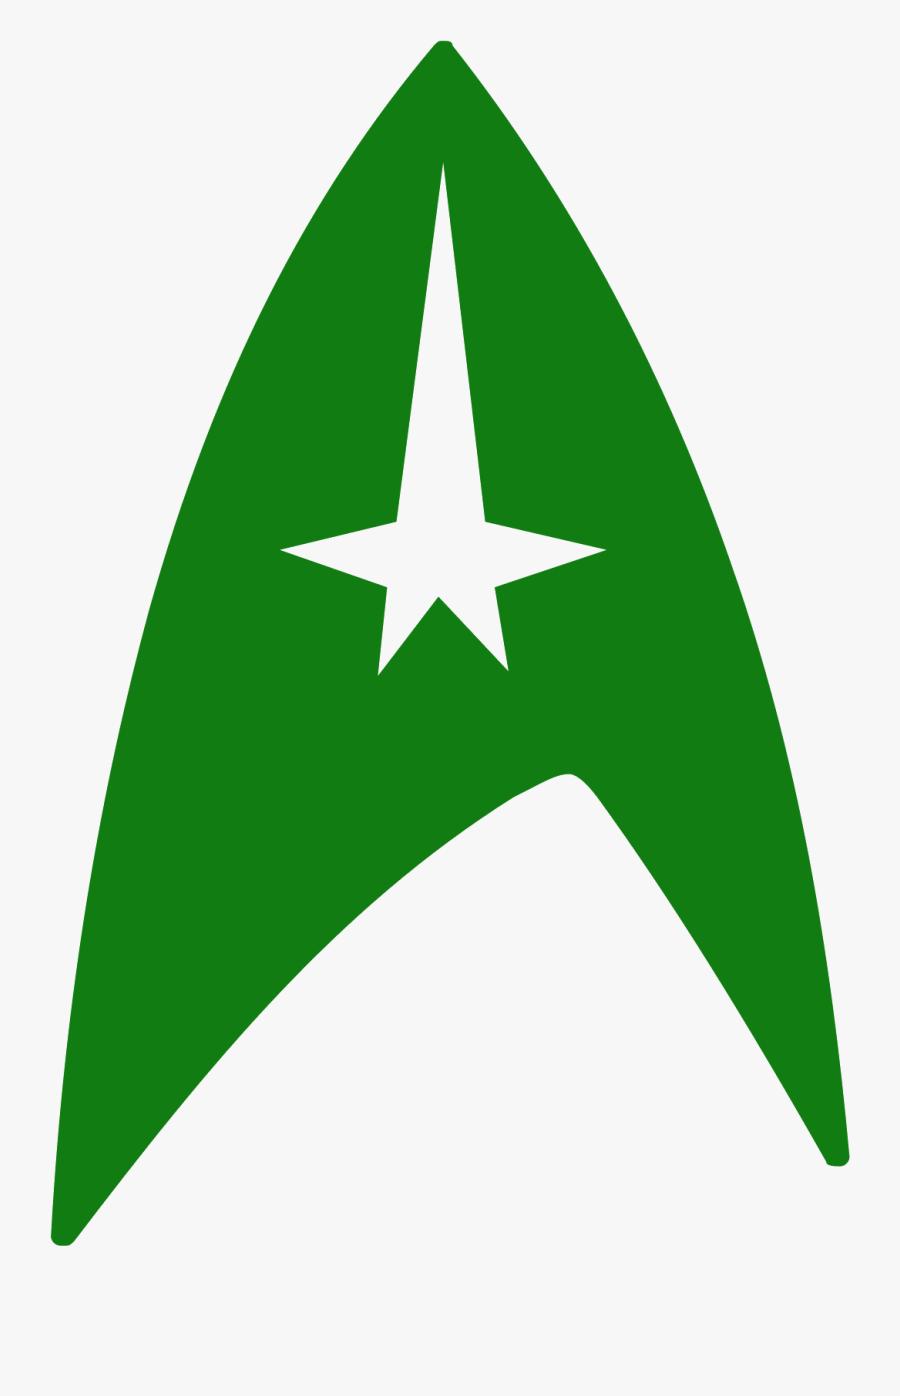 Star Trek Symbol Icon - Icon, Transparent Clipart